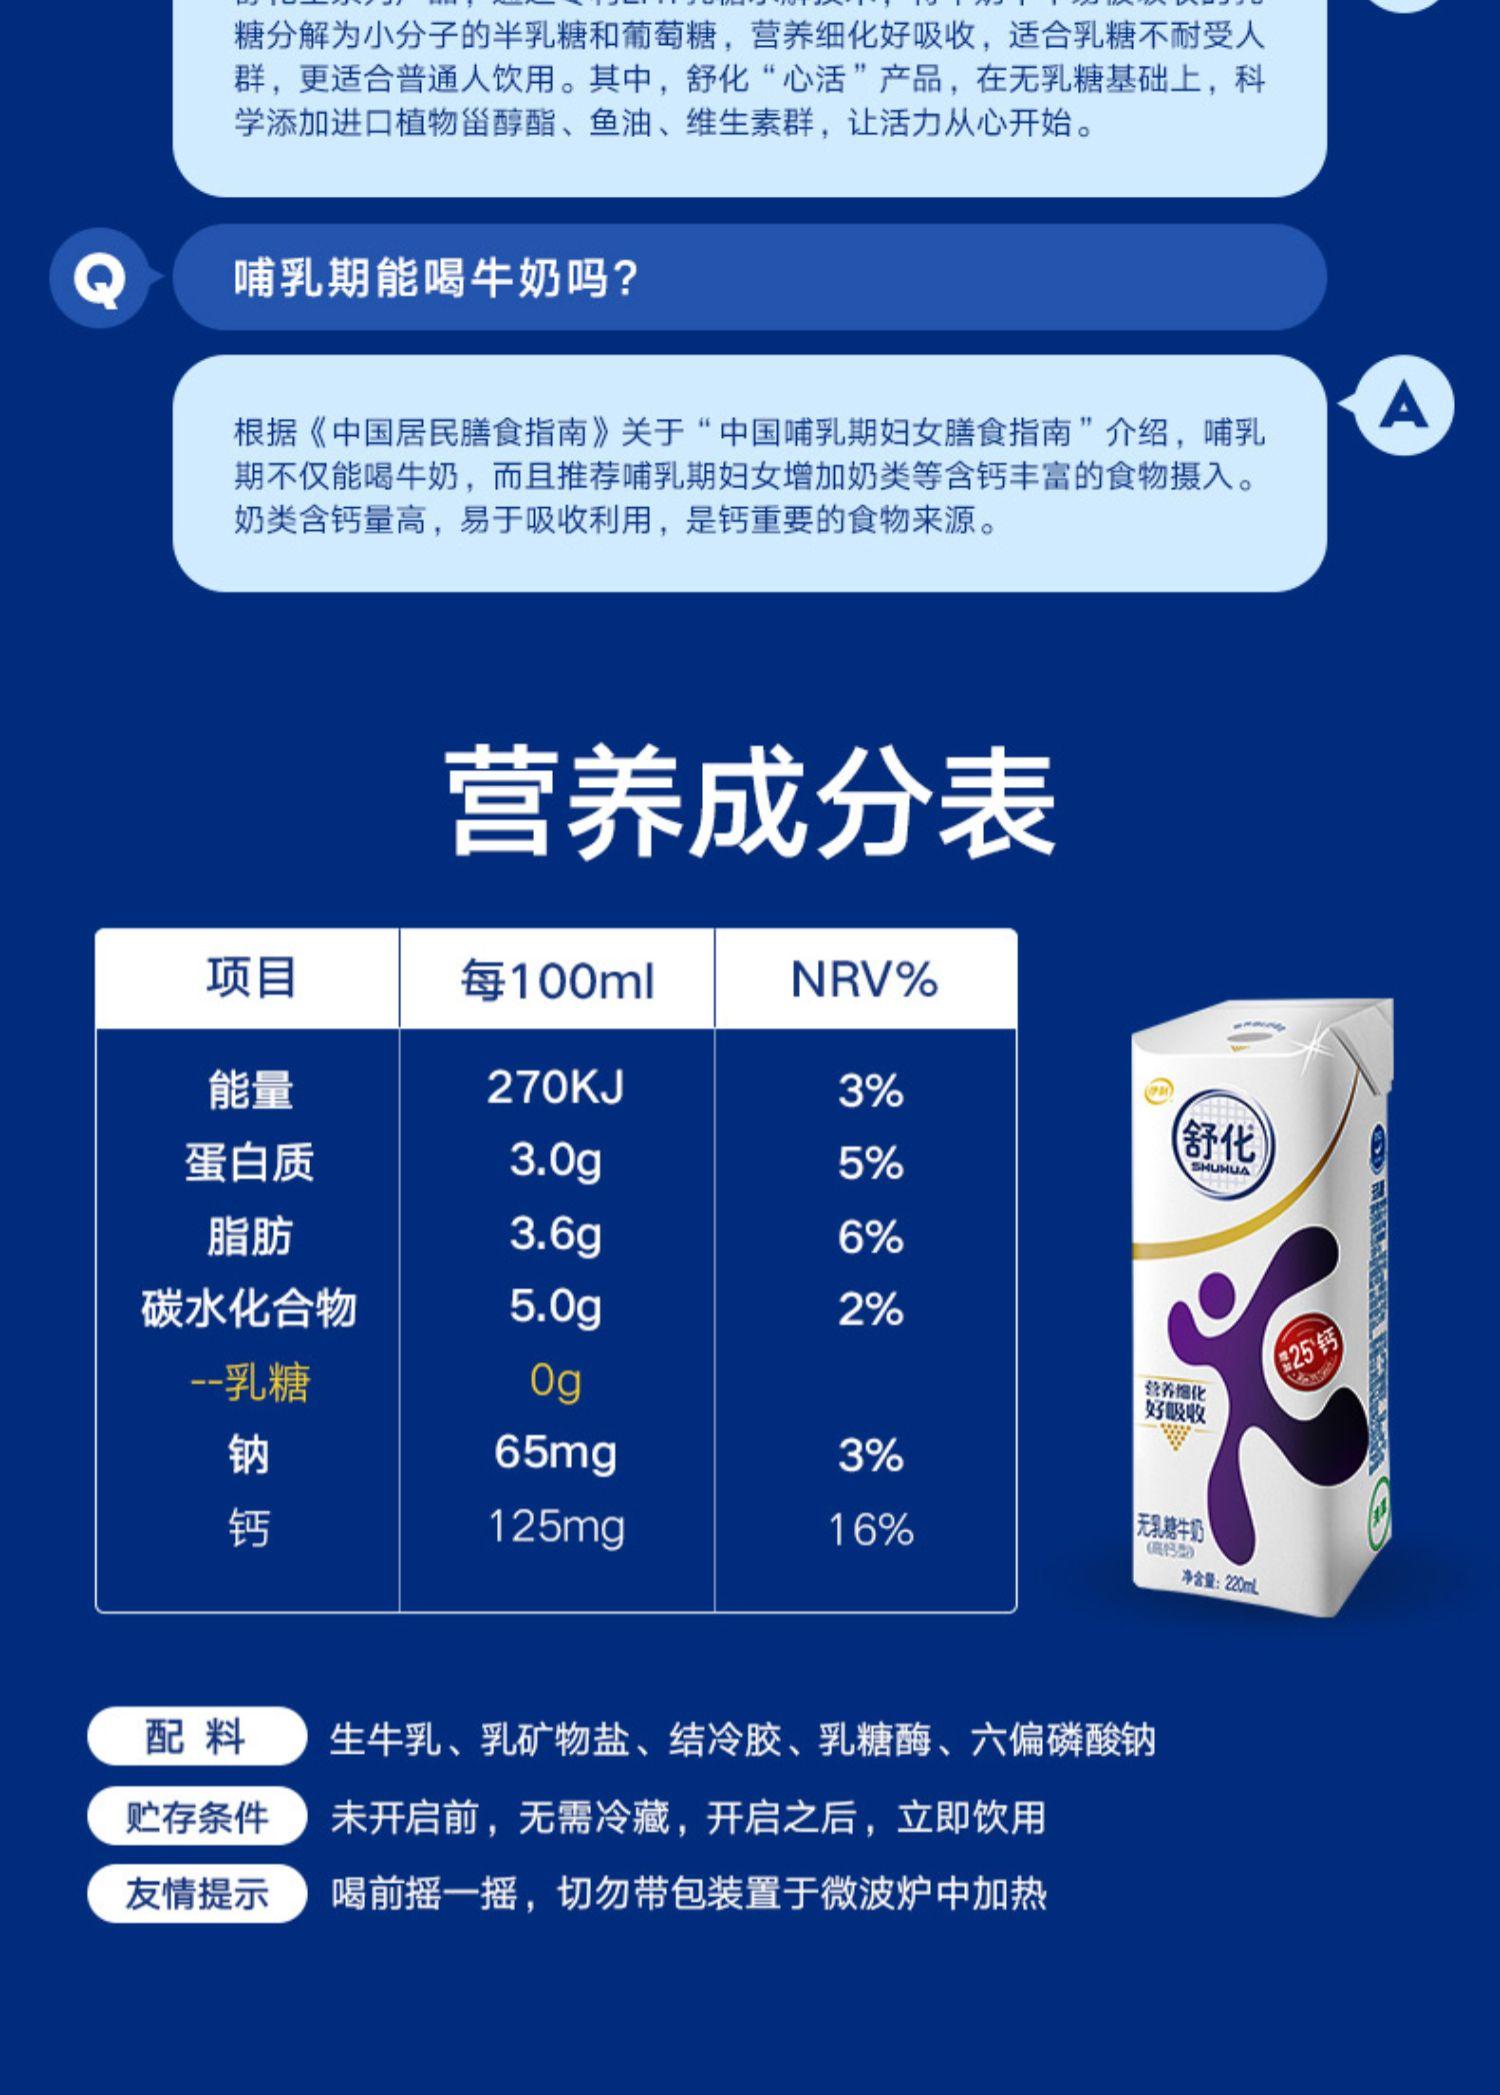 【吐槽大会同款】伊利舒化高钙牛奶24盒